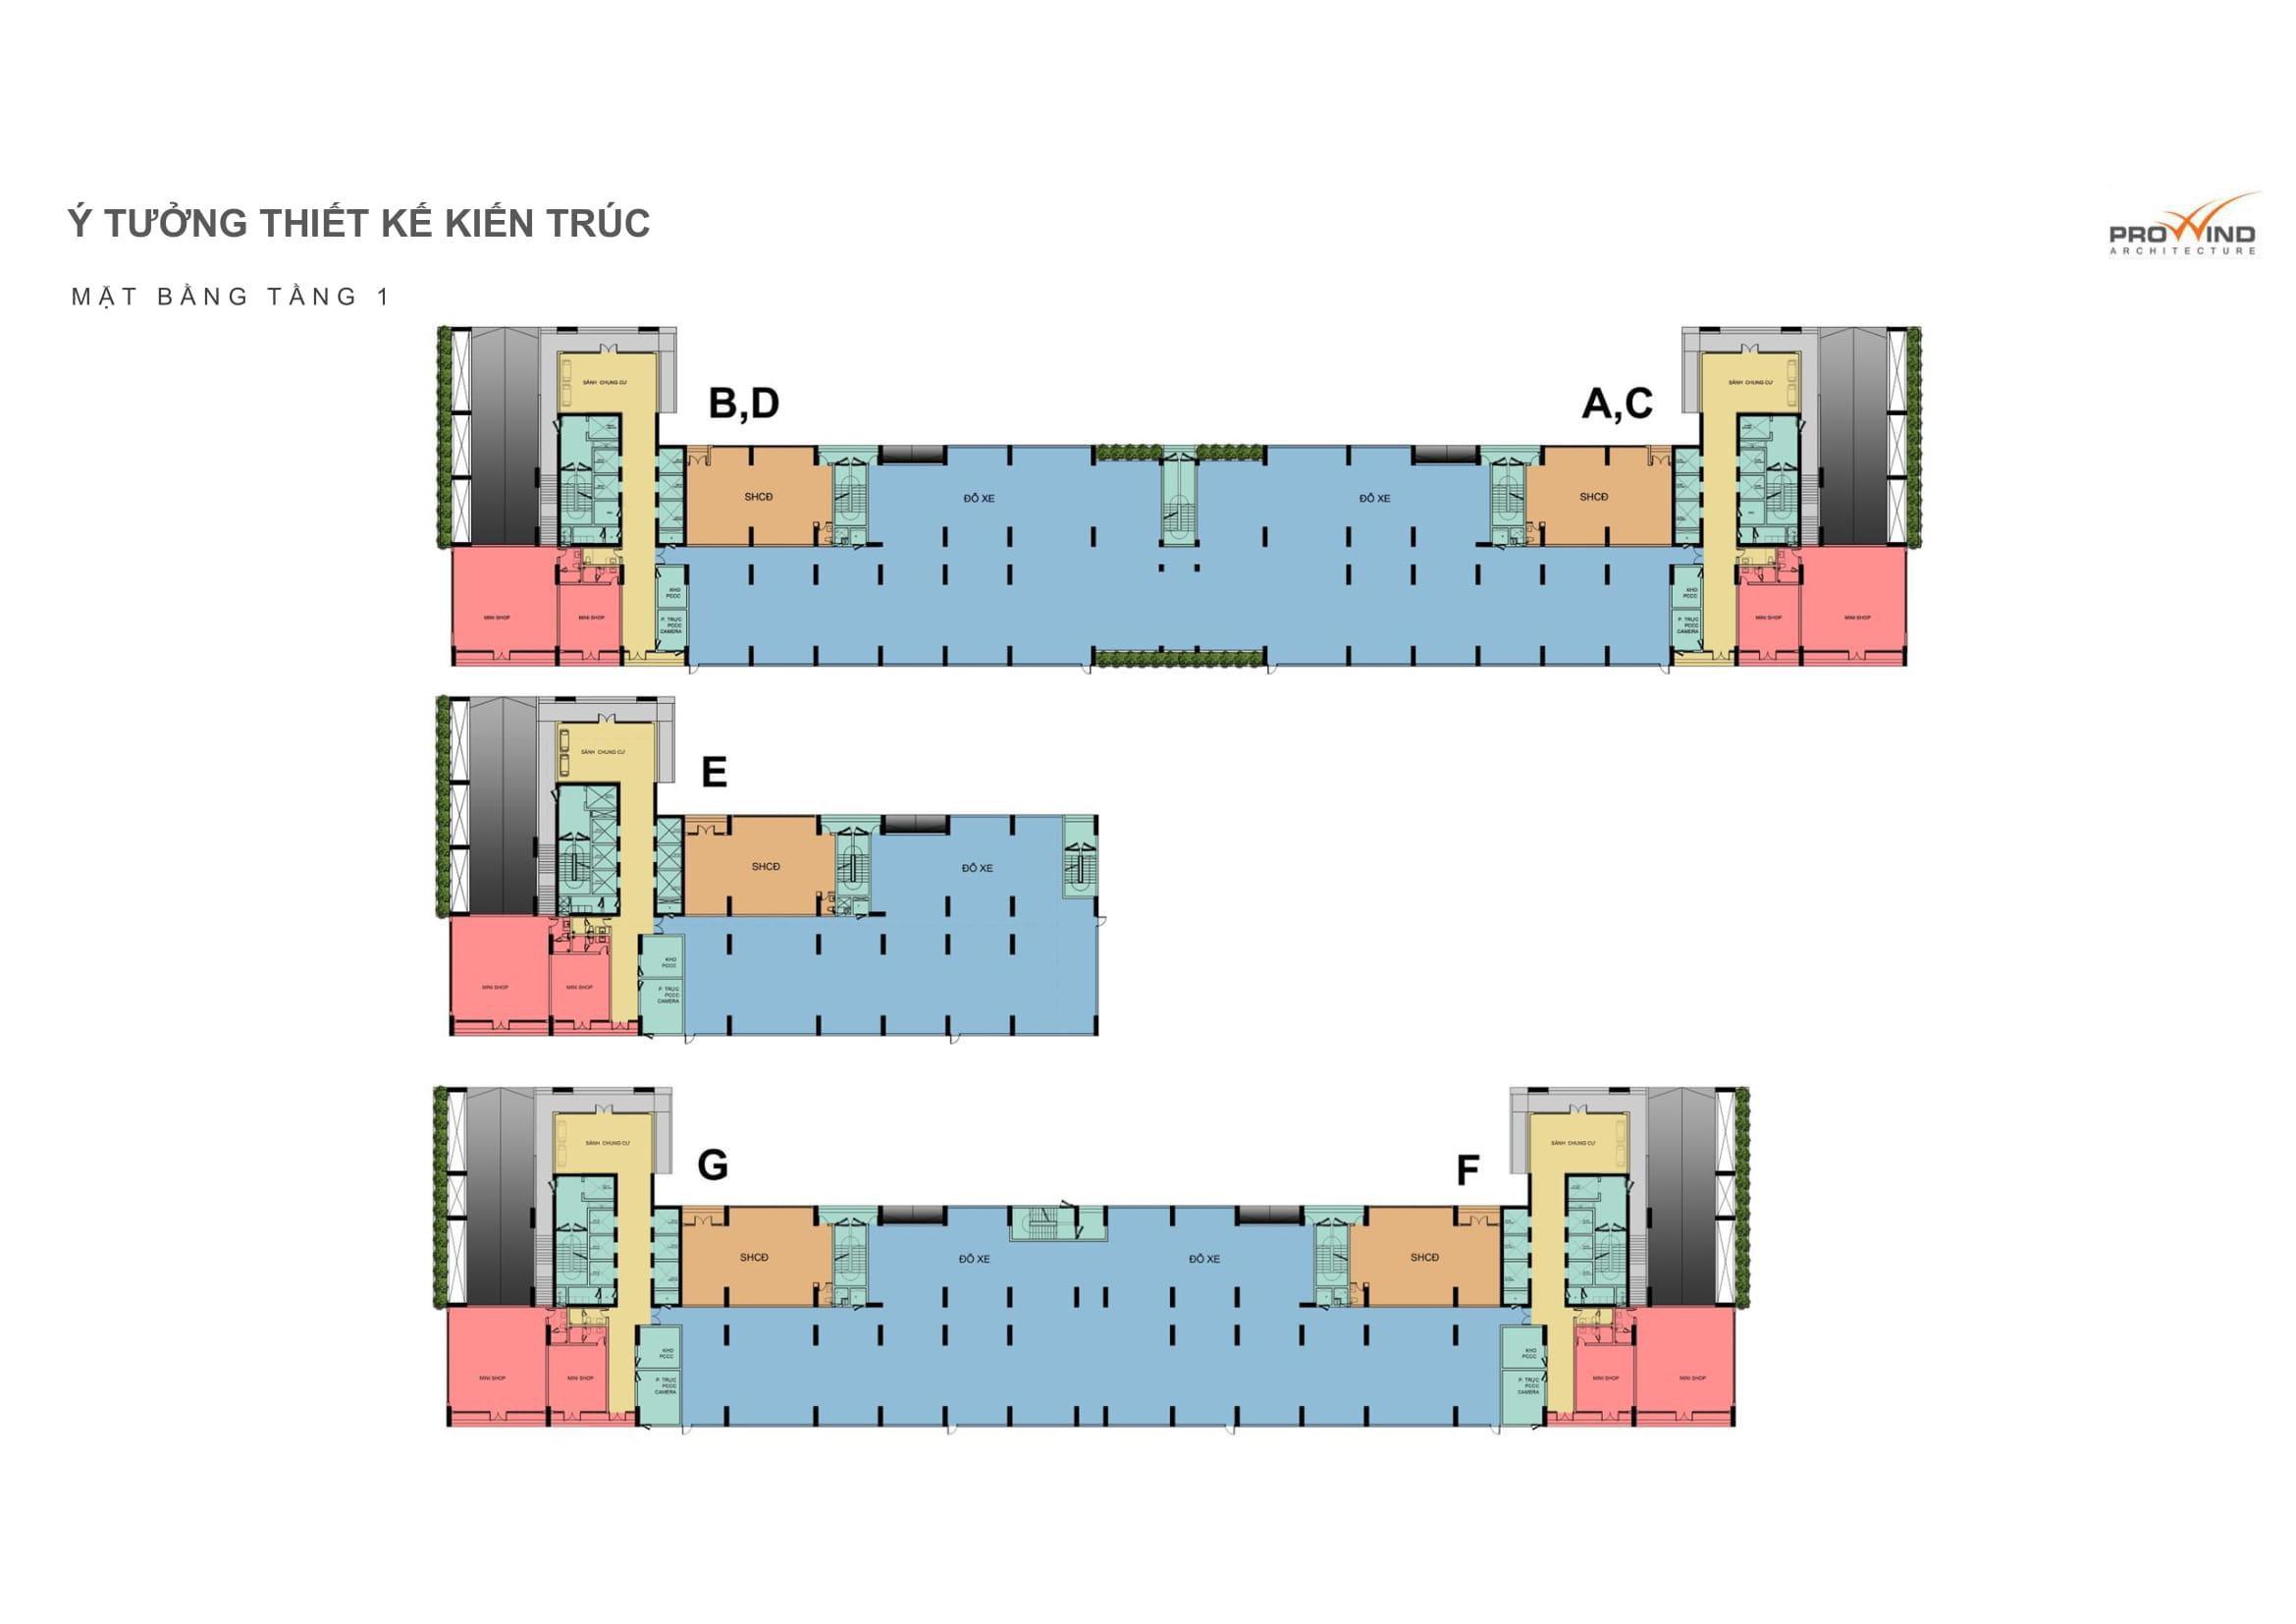 Mặt bằng căn hộ hồ tràm complex